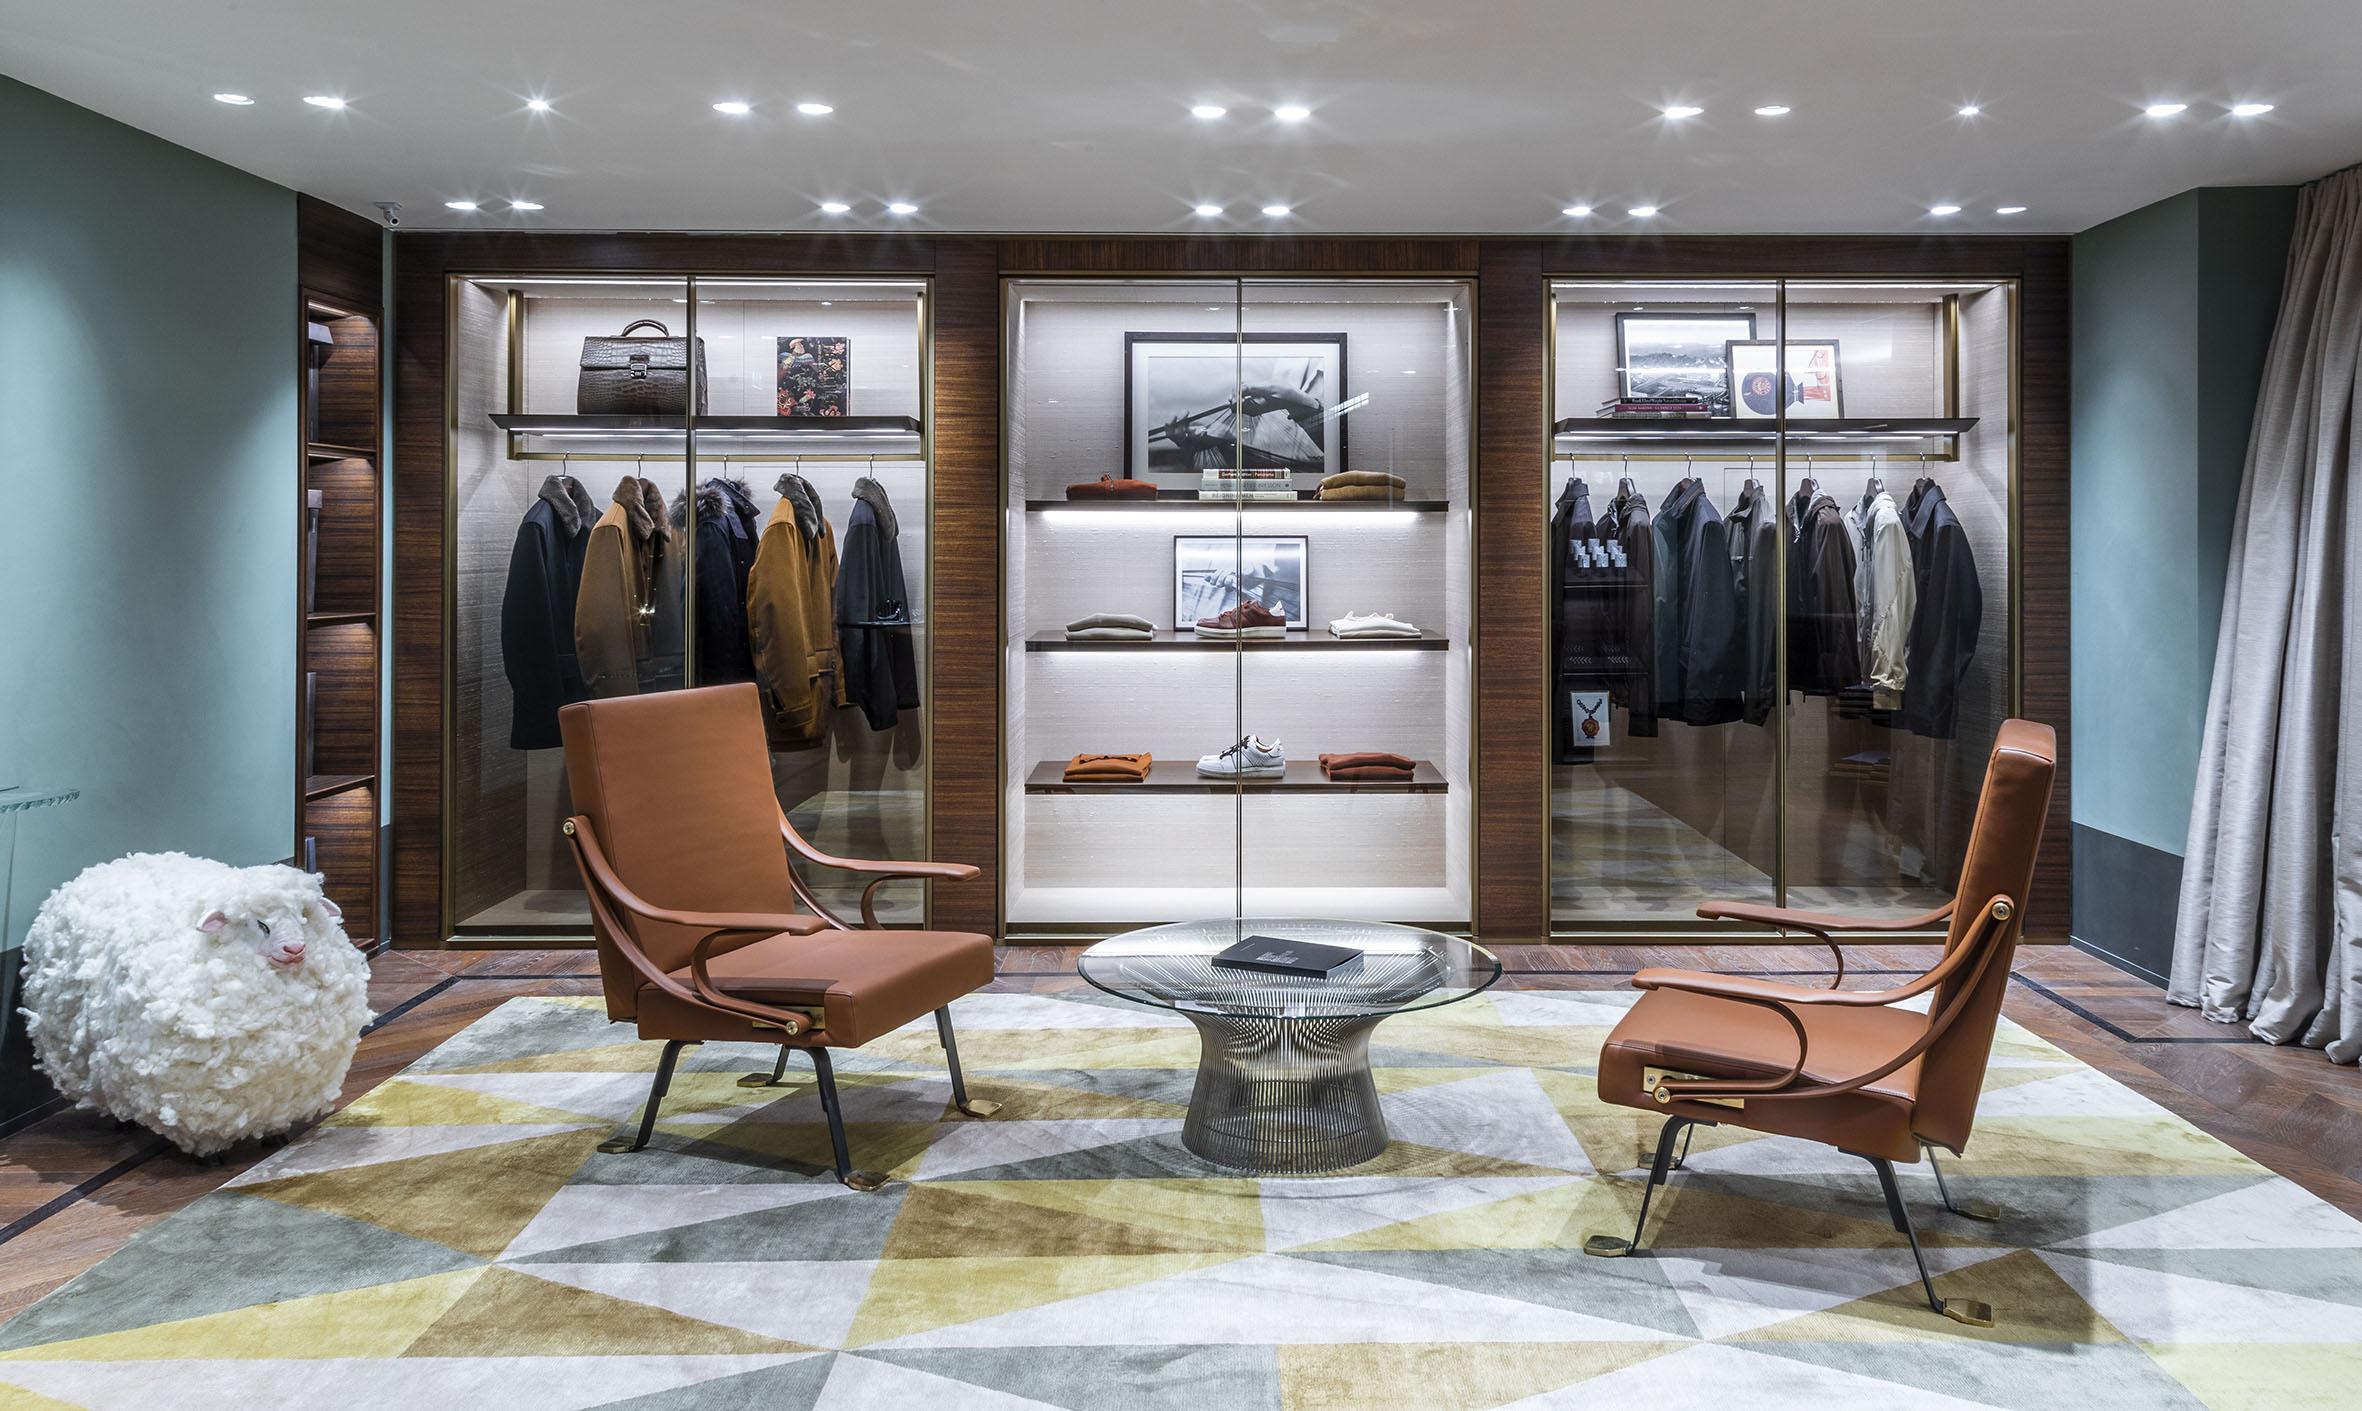 Ermenegildo Zegna flagship store Parigi